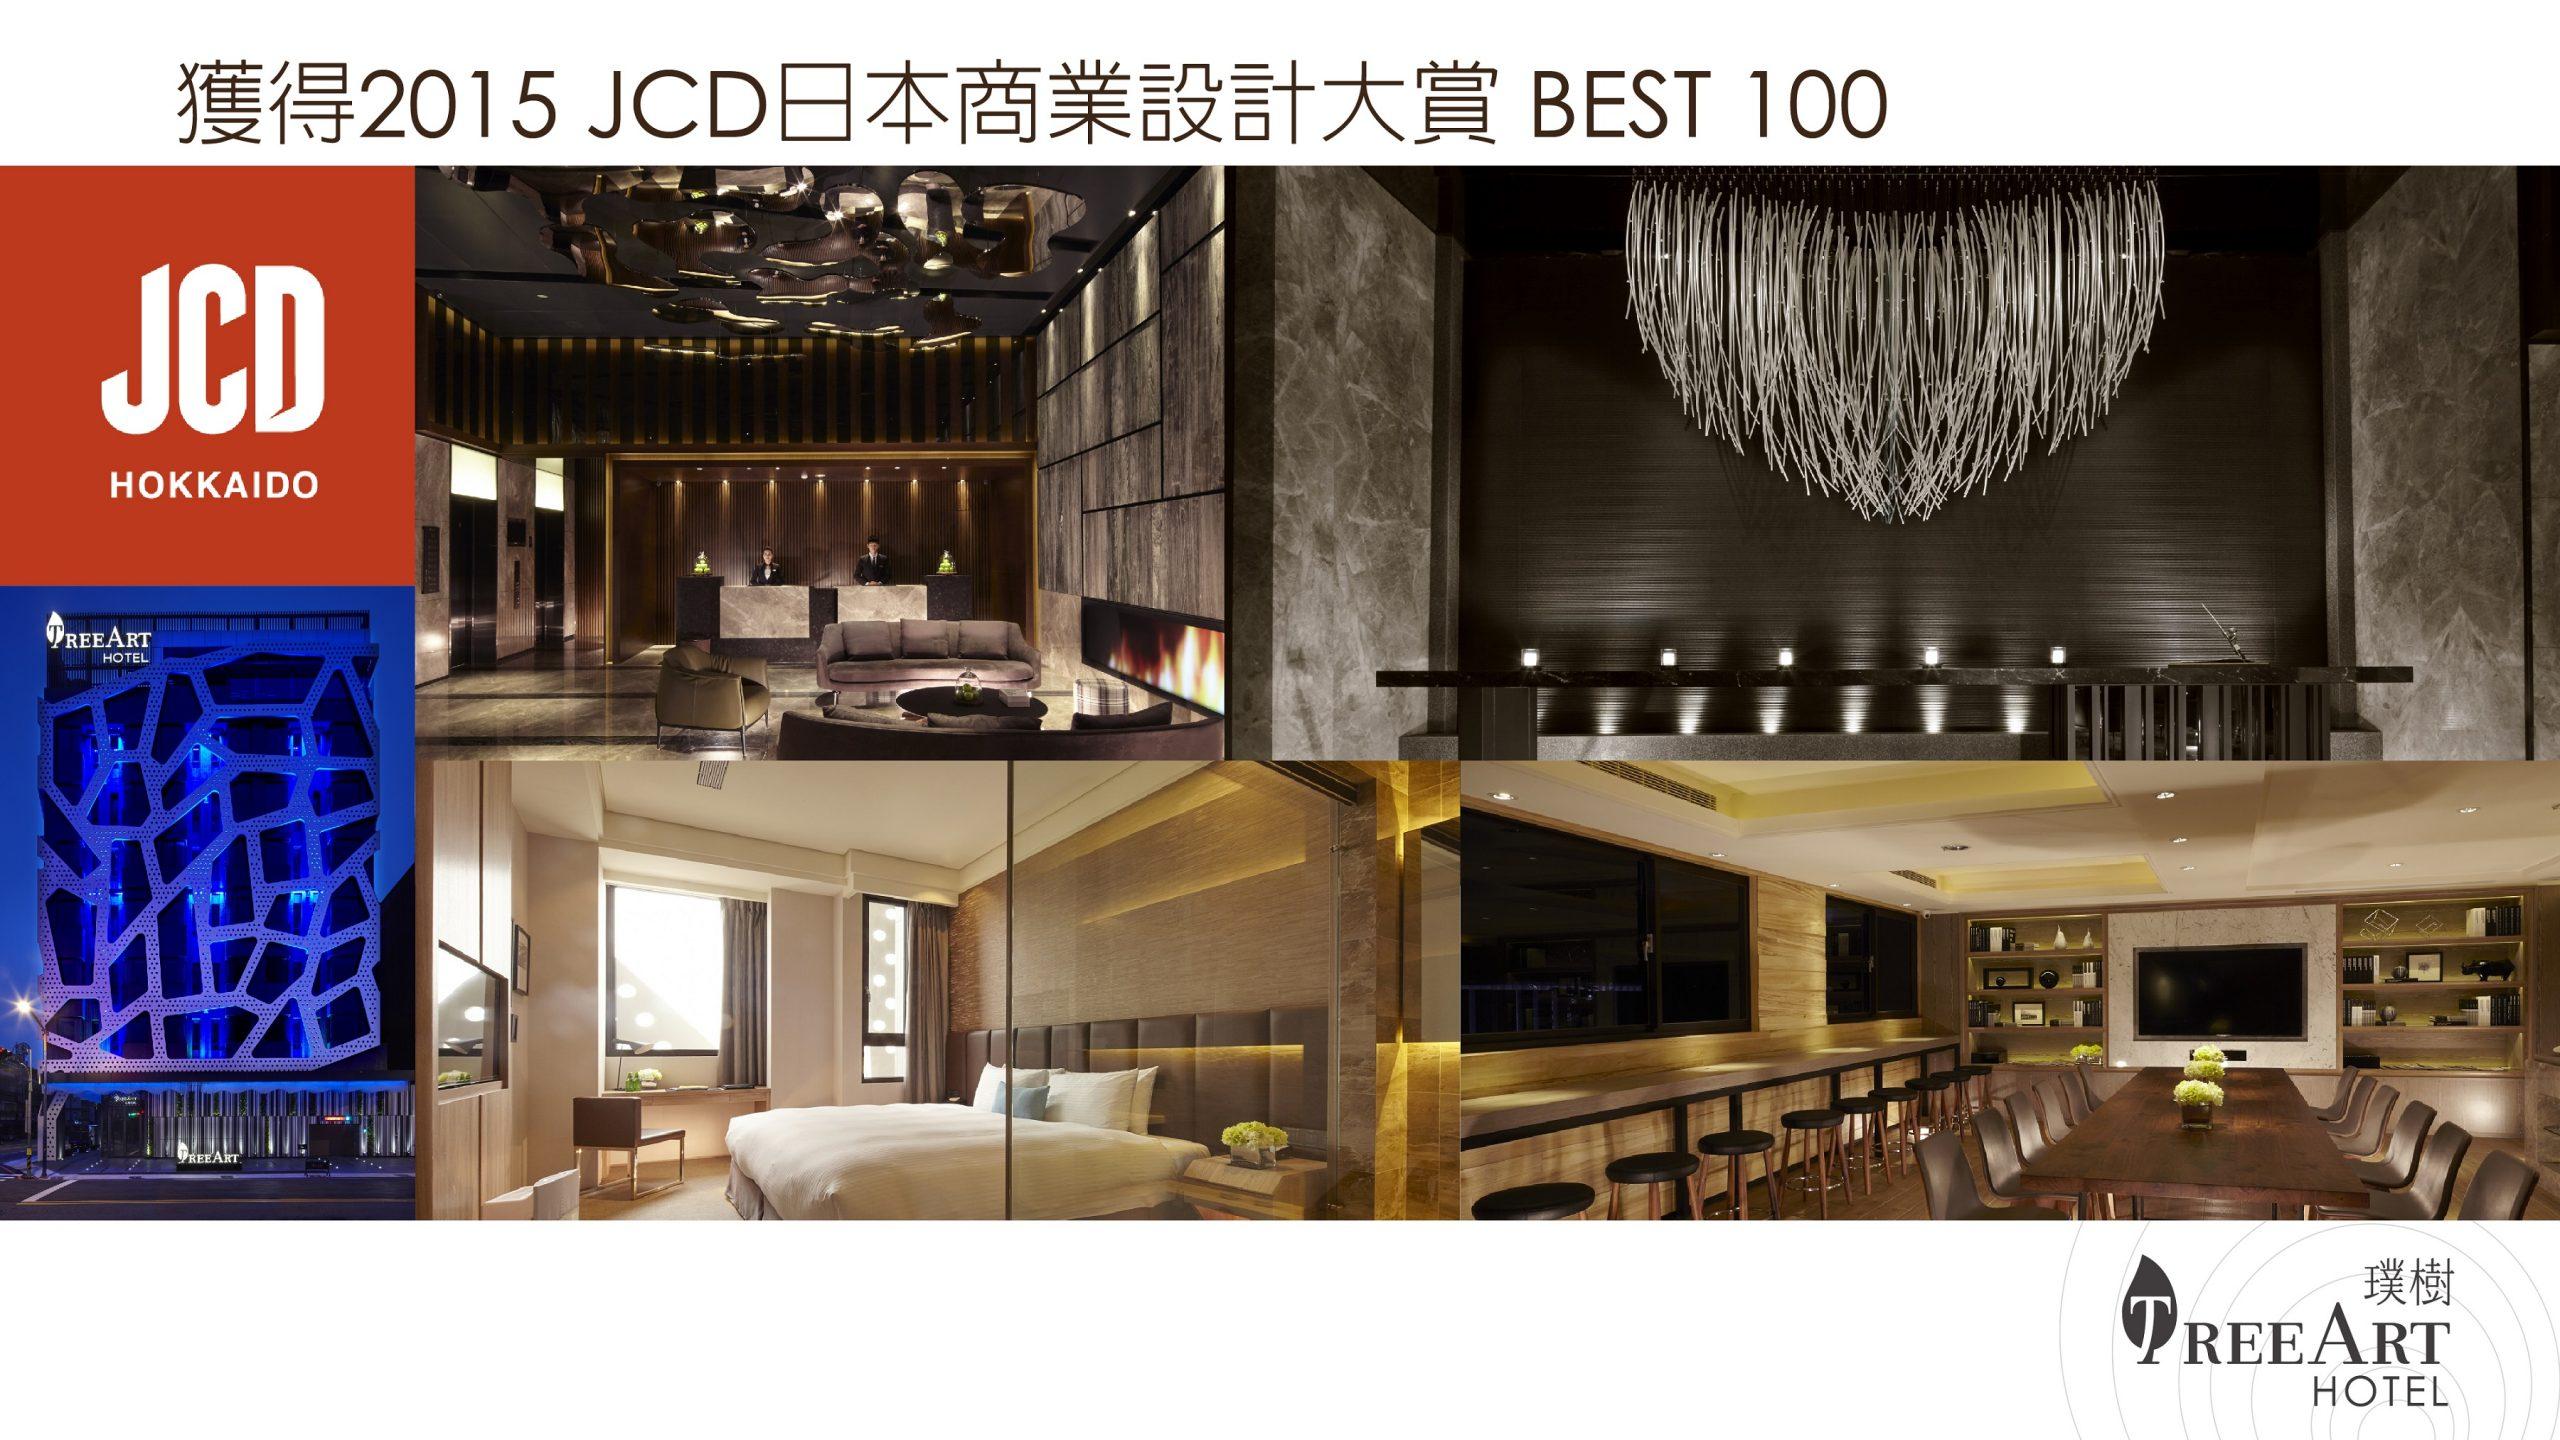 璞樹金閃閃Golden Award of TREEART Hotel